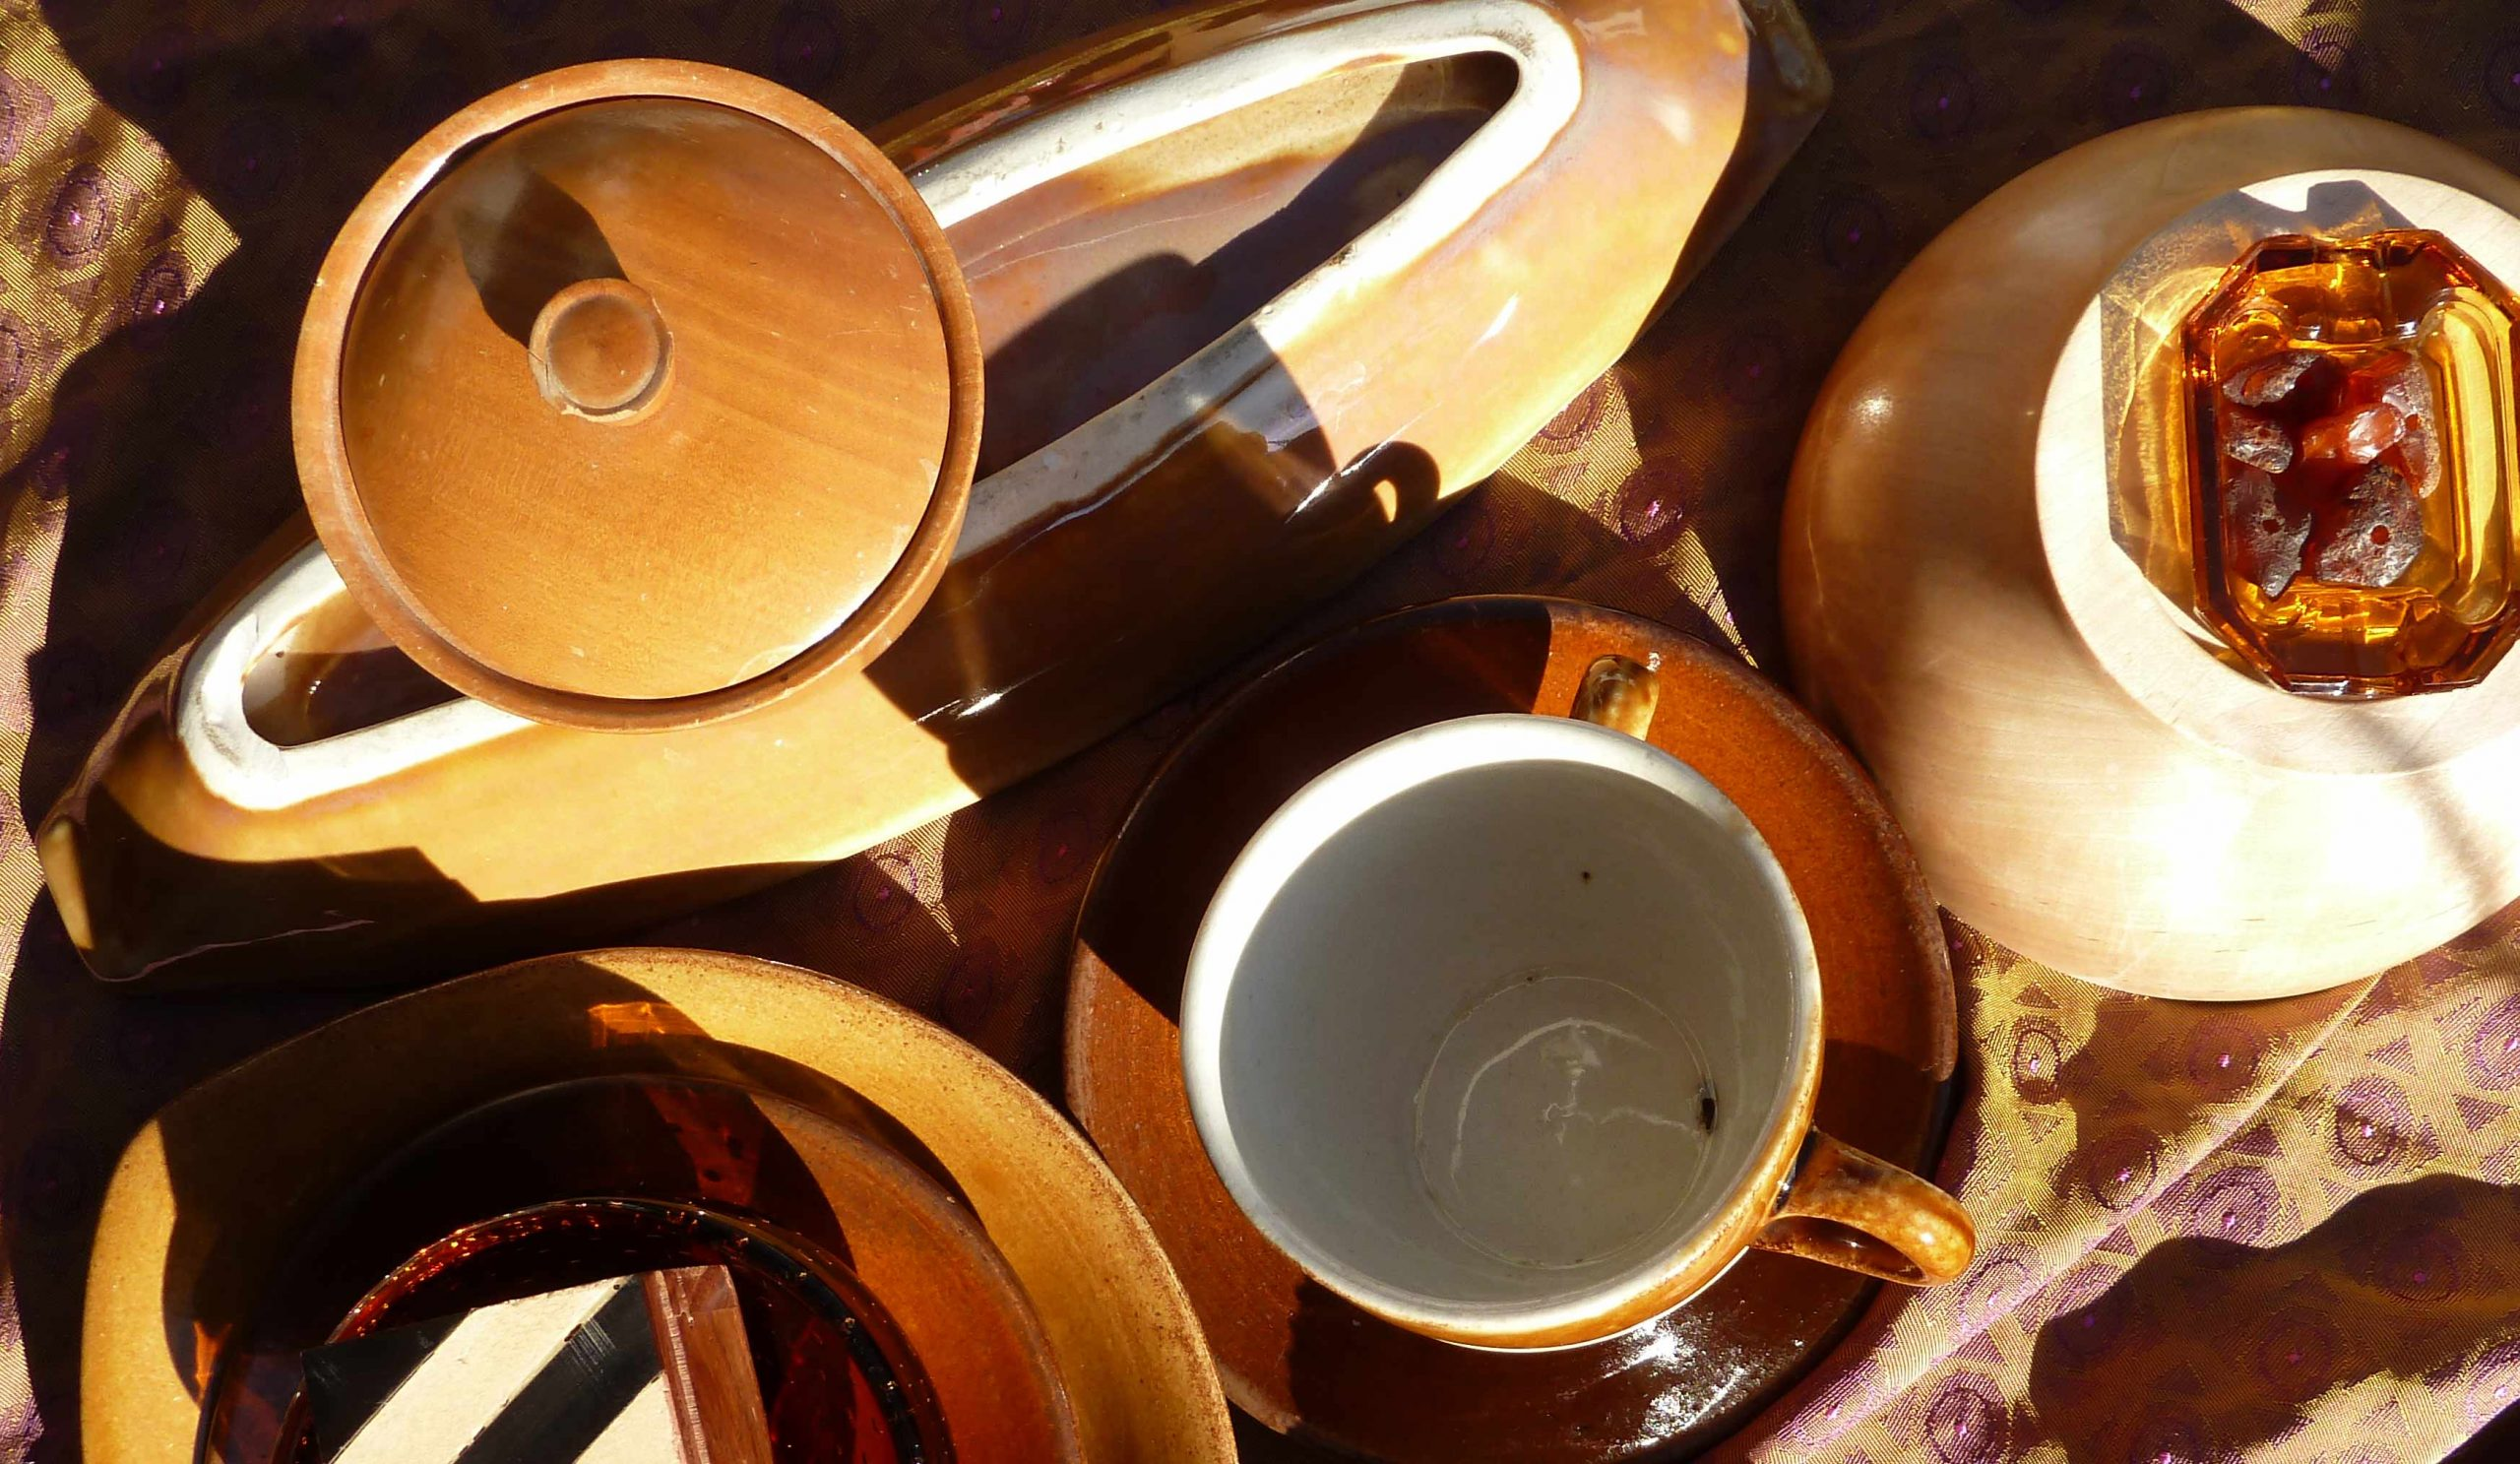 Bernsteinfarbene Keramik und Glasgefäße in der Sonne